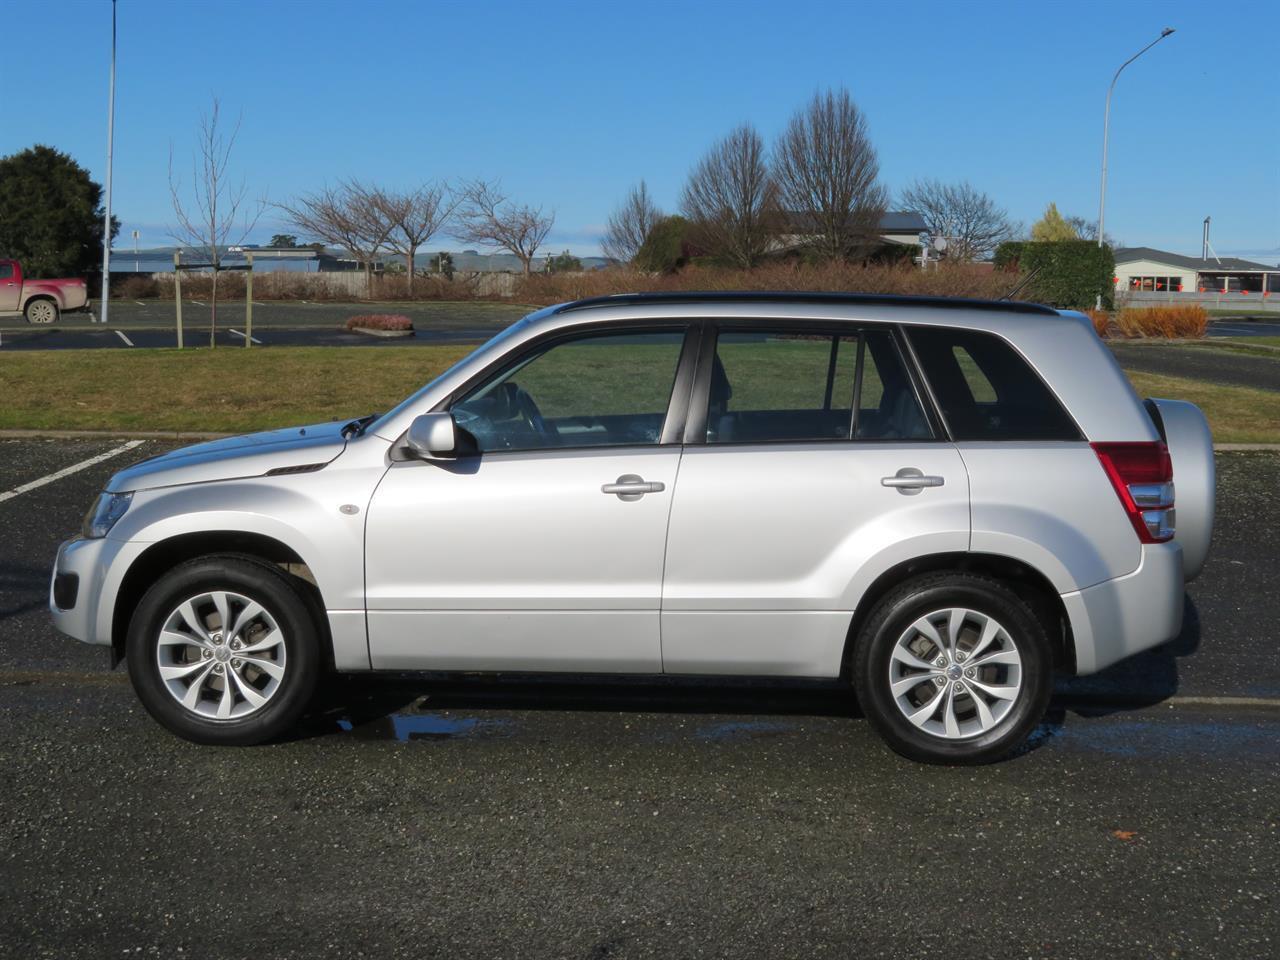 image-5, 2013 Suzuki Vitara Grand 2WD at Gore